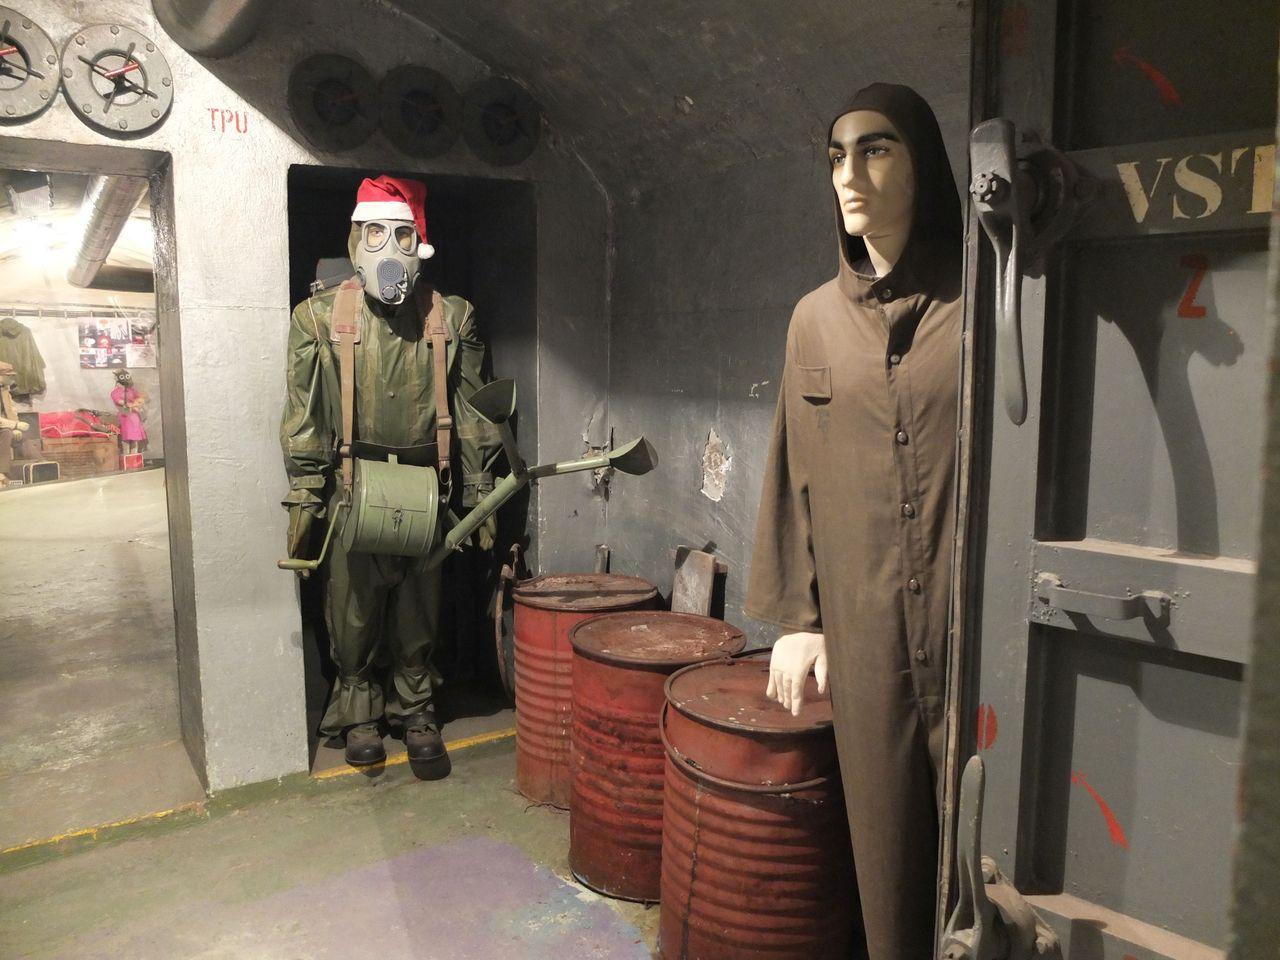 Arrangement mit Schaufensterpuppen in der Nuclear Bunker Exposition in Prag-Žižkov (Bezovka-Bunker) (Foto: Sabine Stach)